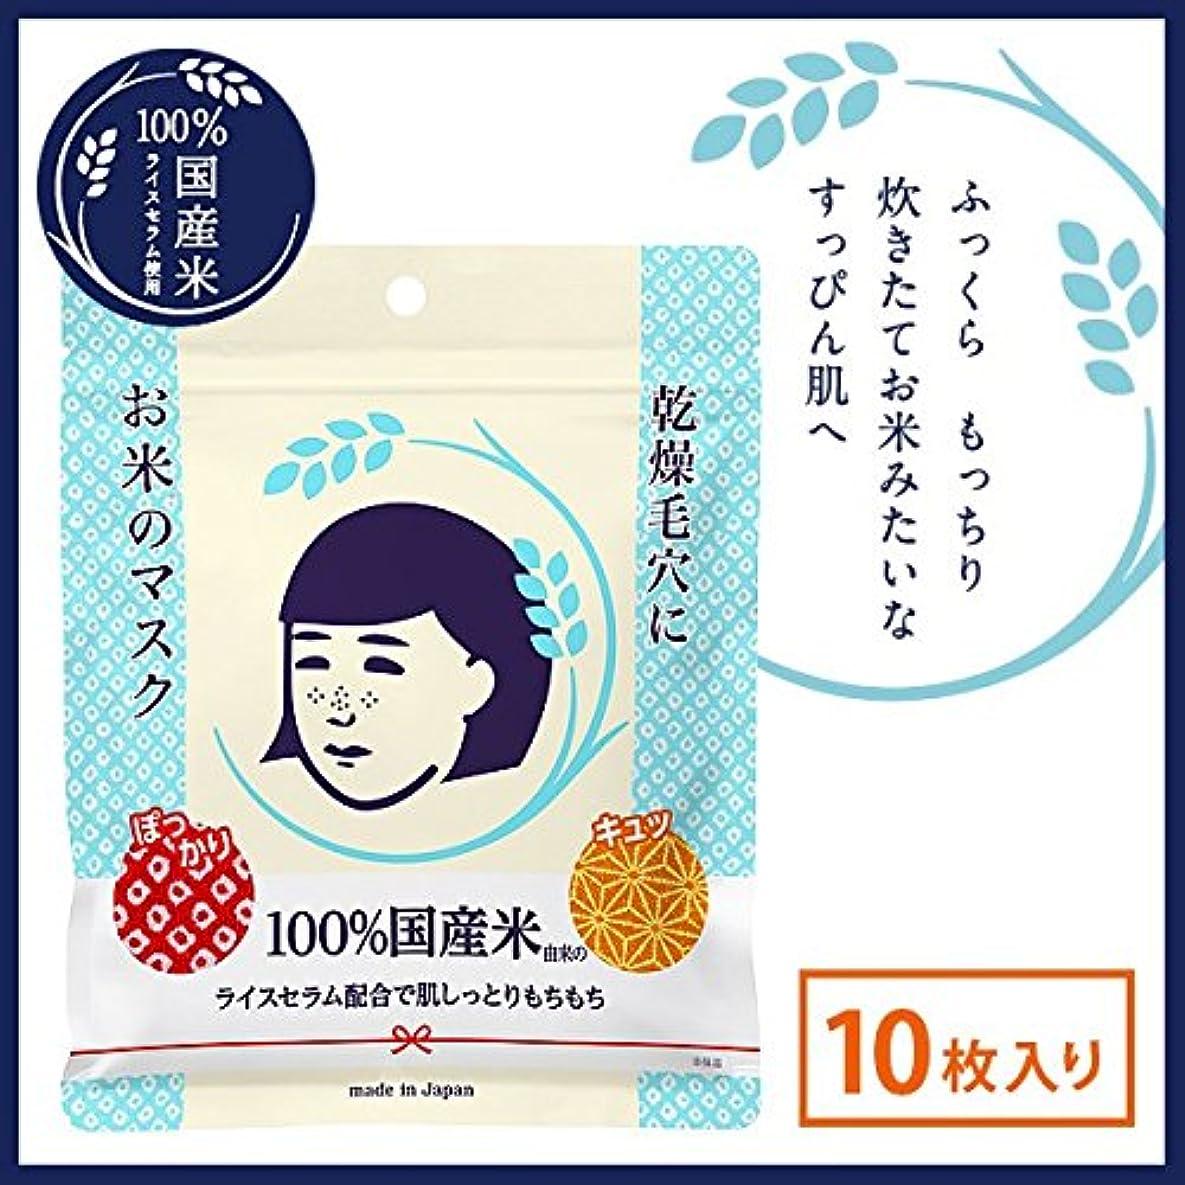 激怒がっかりする削減毛穴撫子 お米のマスク(10枚入/袋) 48袋入りケース